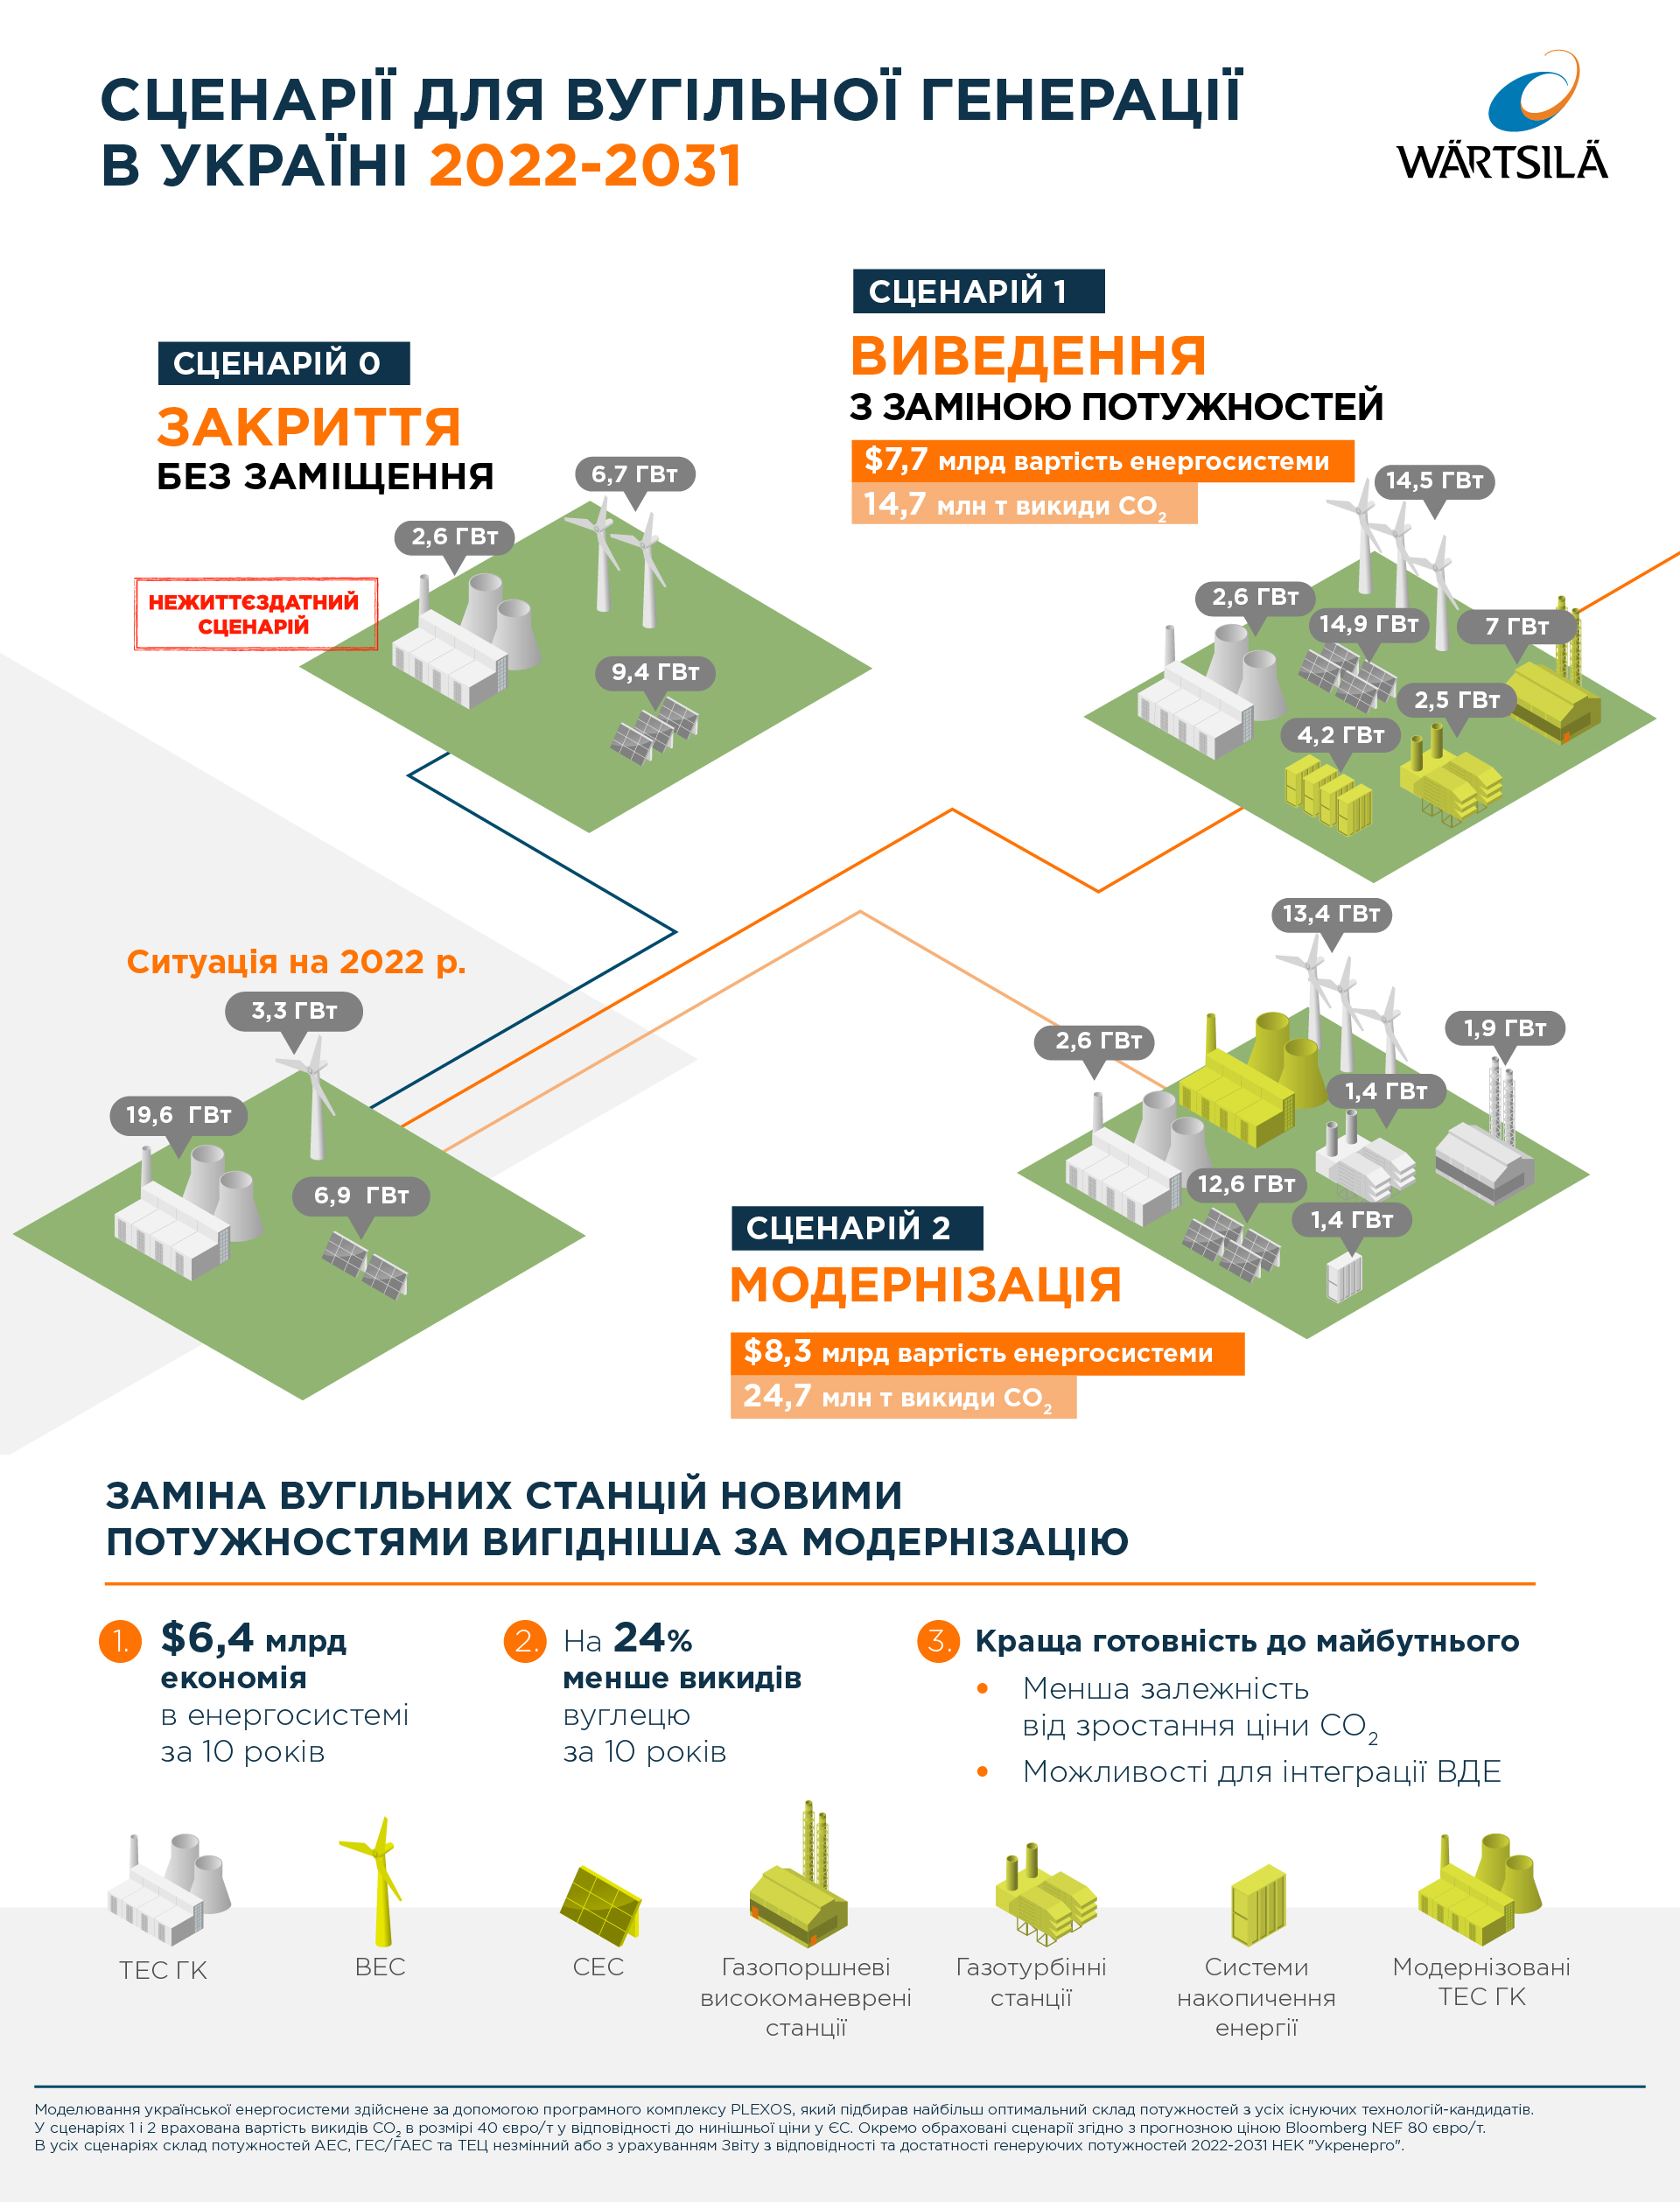 Порівняння ефективності сценаріїв виведення з експлуатації вугільних ТЕС в Україні (на період з 2022 з 2031 роки). Інфографіка: Wartsila